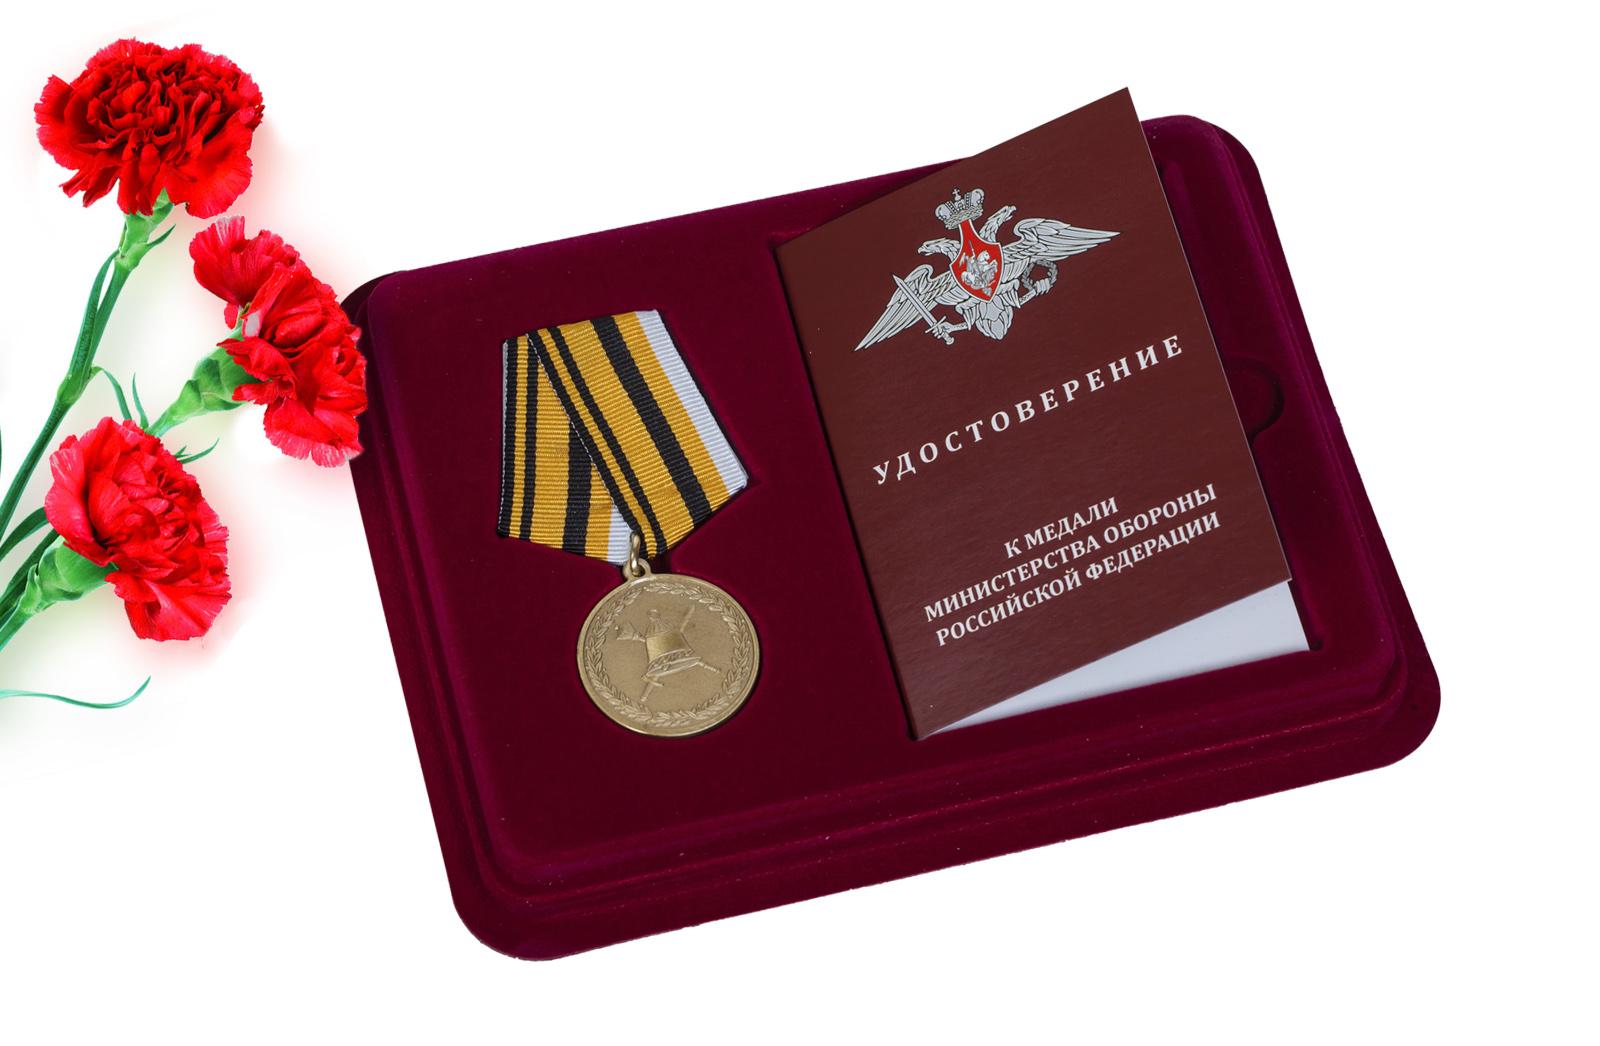 Купить медаль МО РФ 50 лет ГОМУ ГШ ВС РФ оптом или в розницу